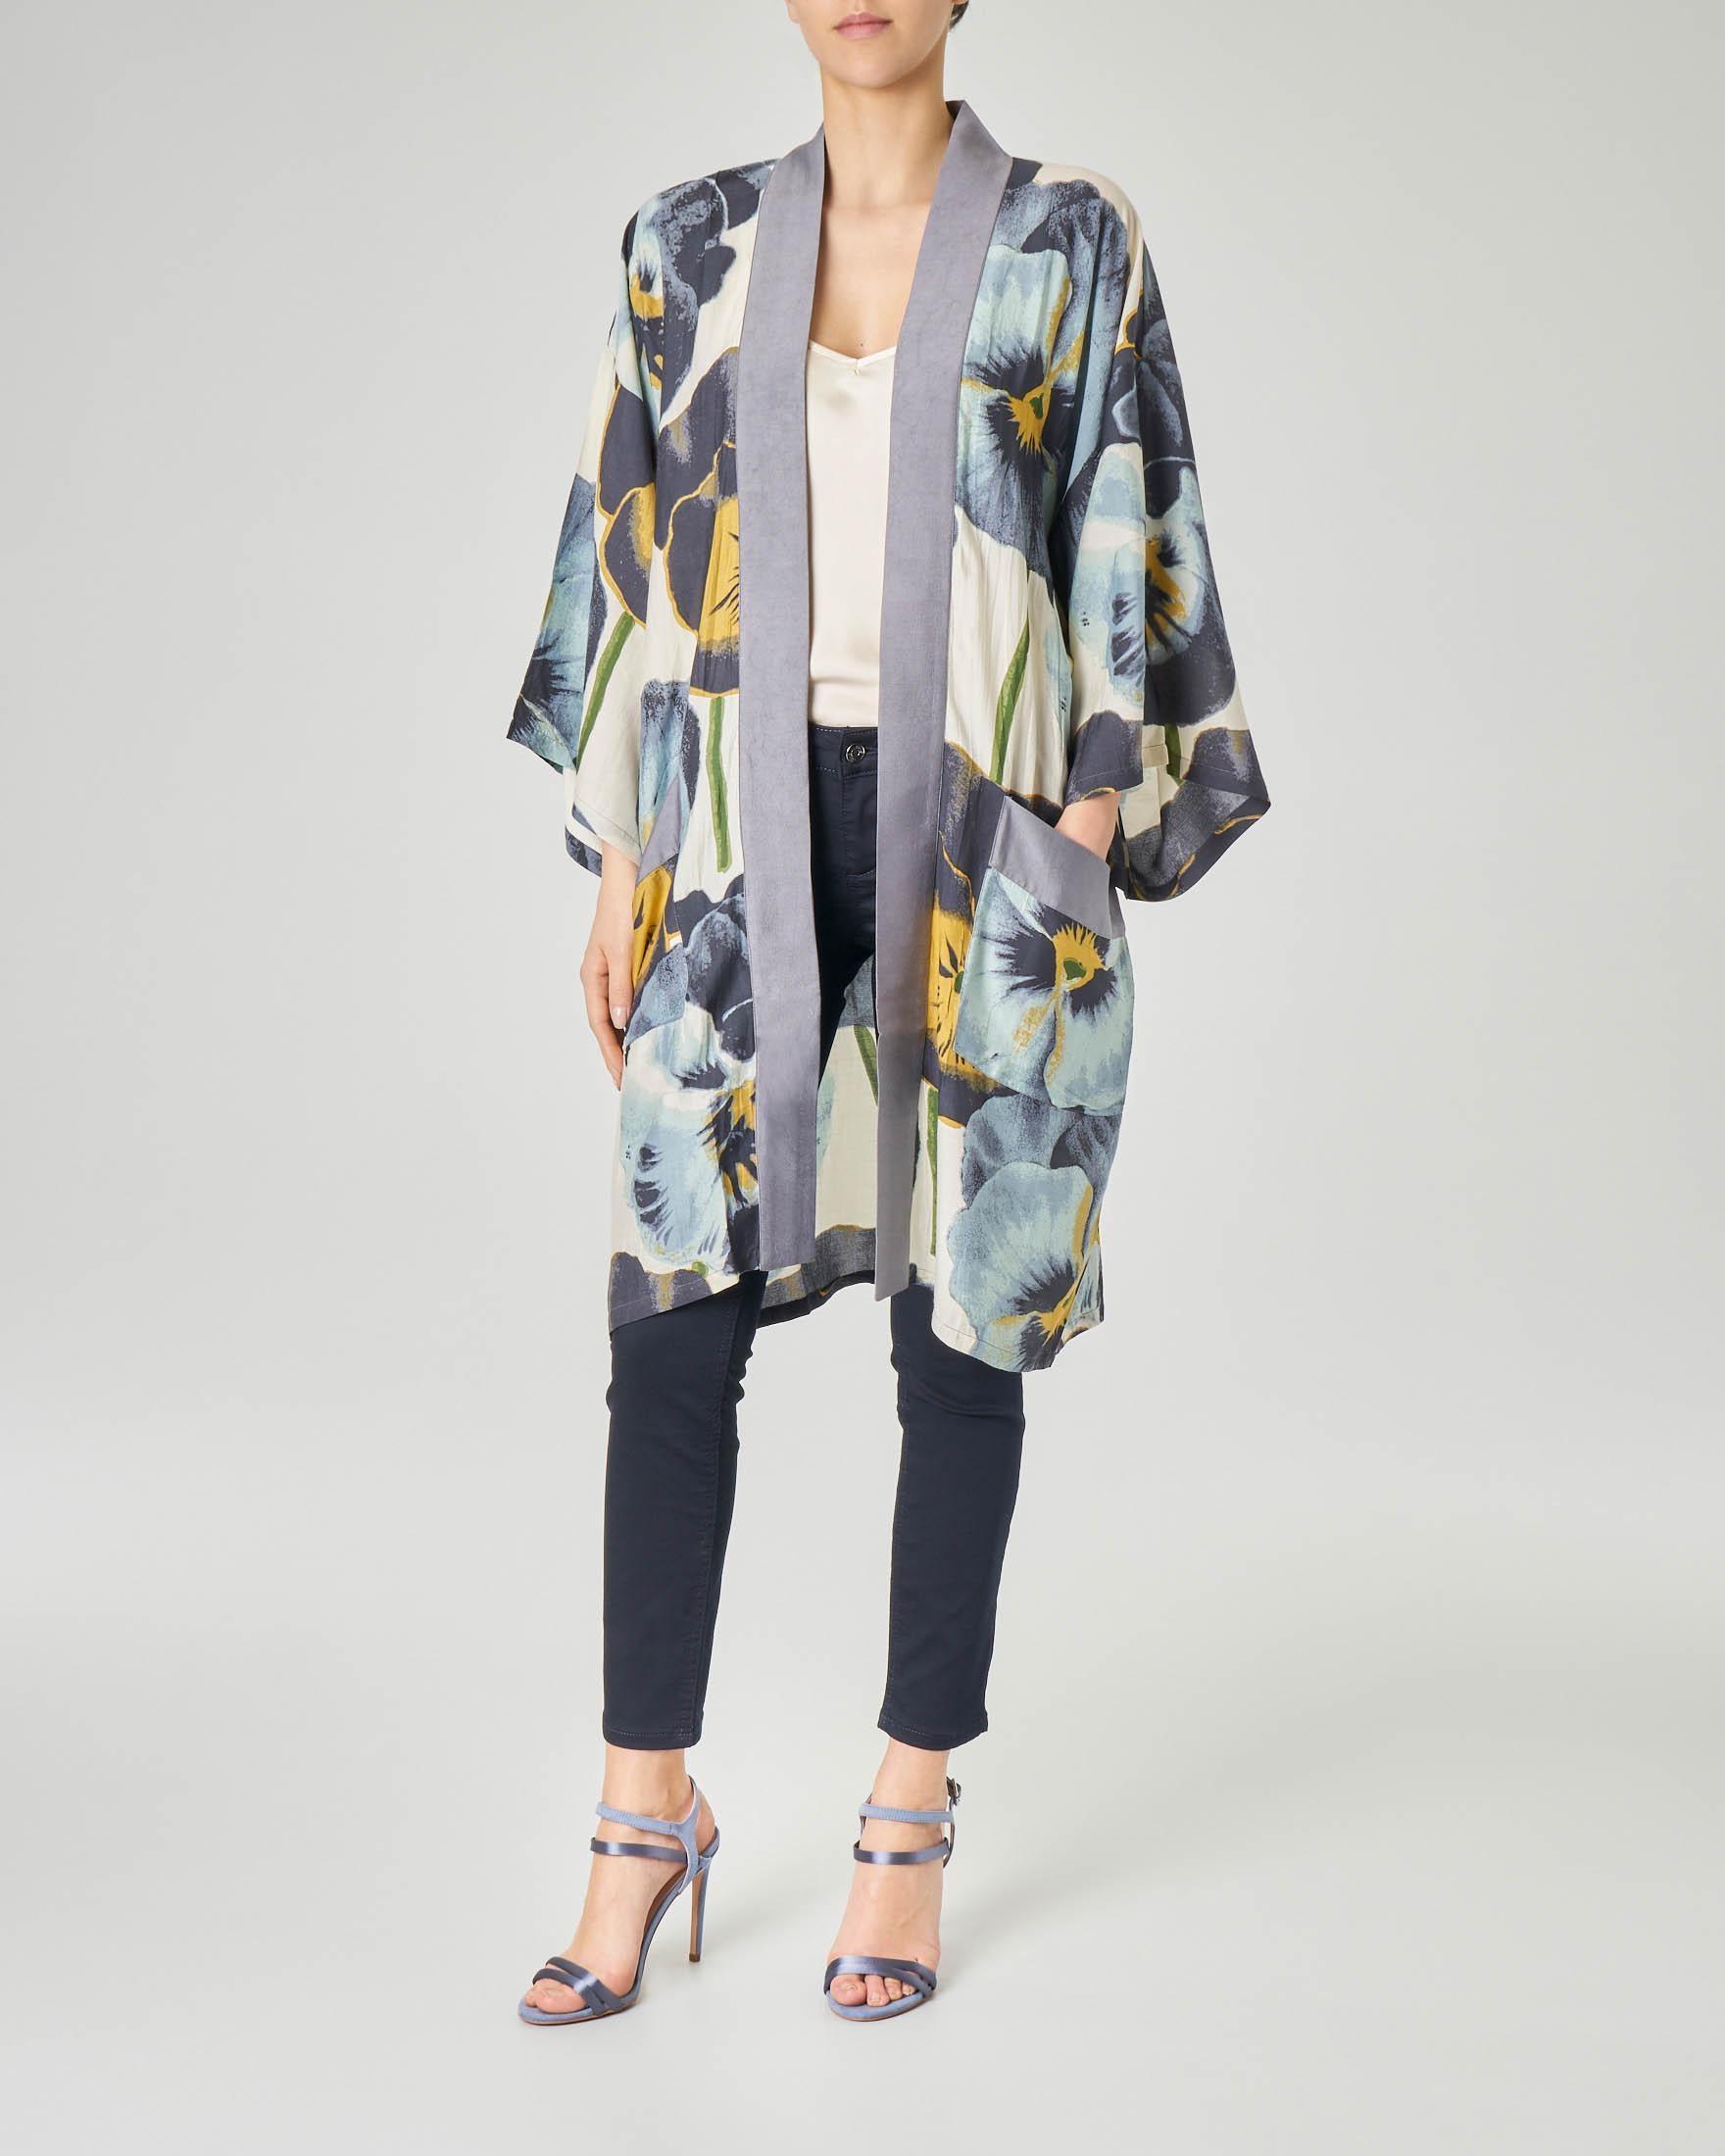 Kimono bluette in viscosa misto modal con stampa floreale